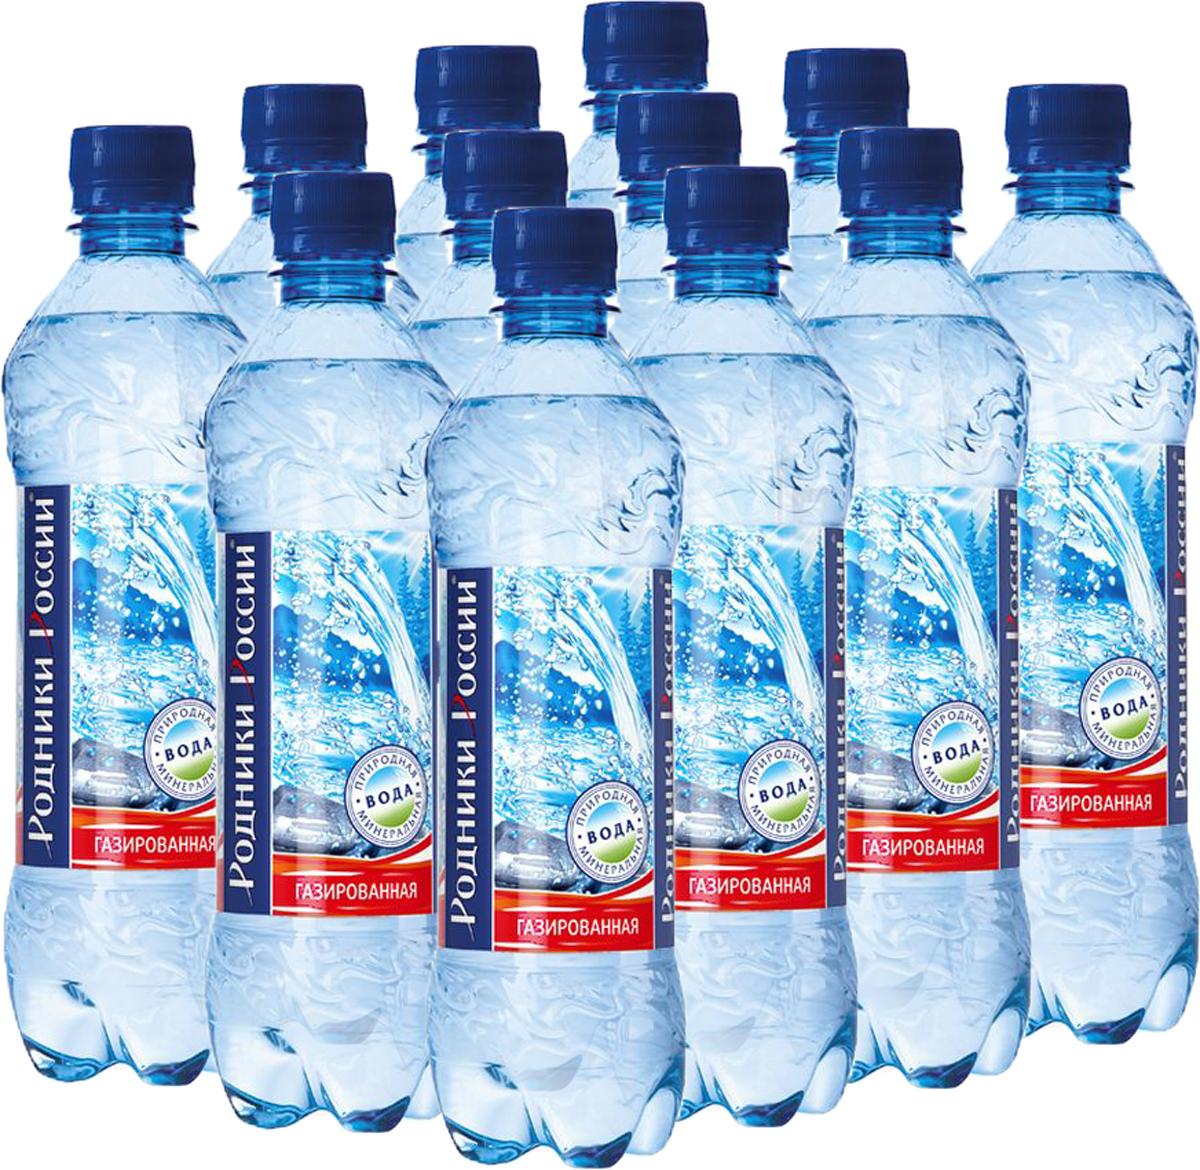 Родники России вода минеральная природная столовая газированная, 12 штук по 0,5 л bikkembergs низкие кеды и кроссовки